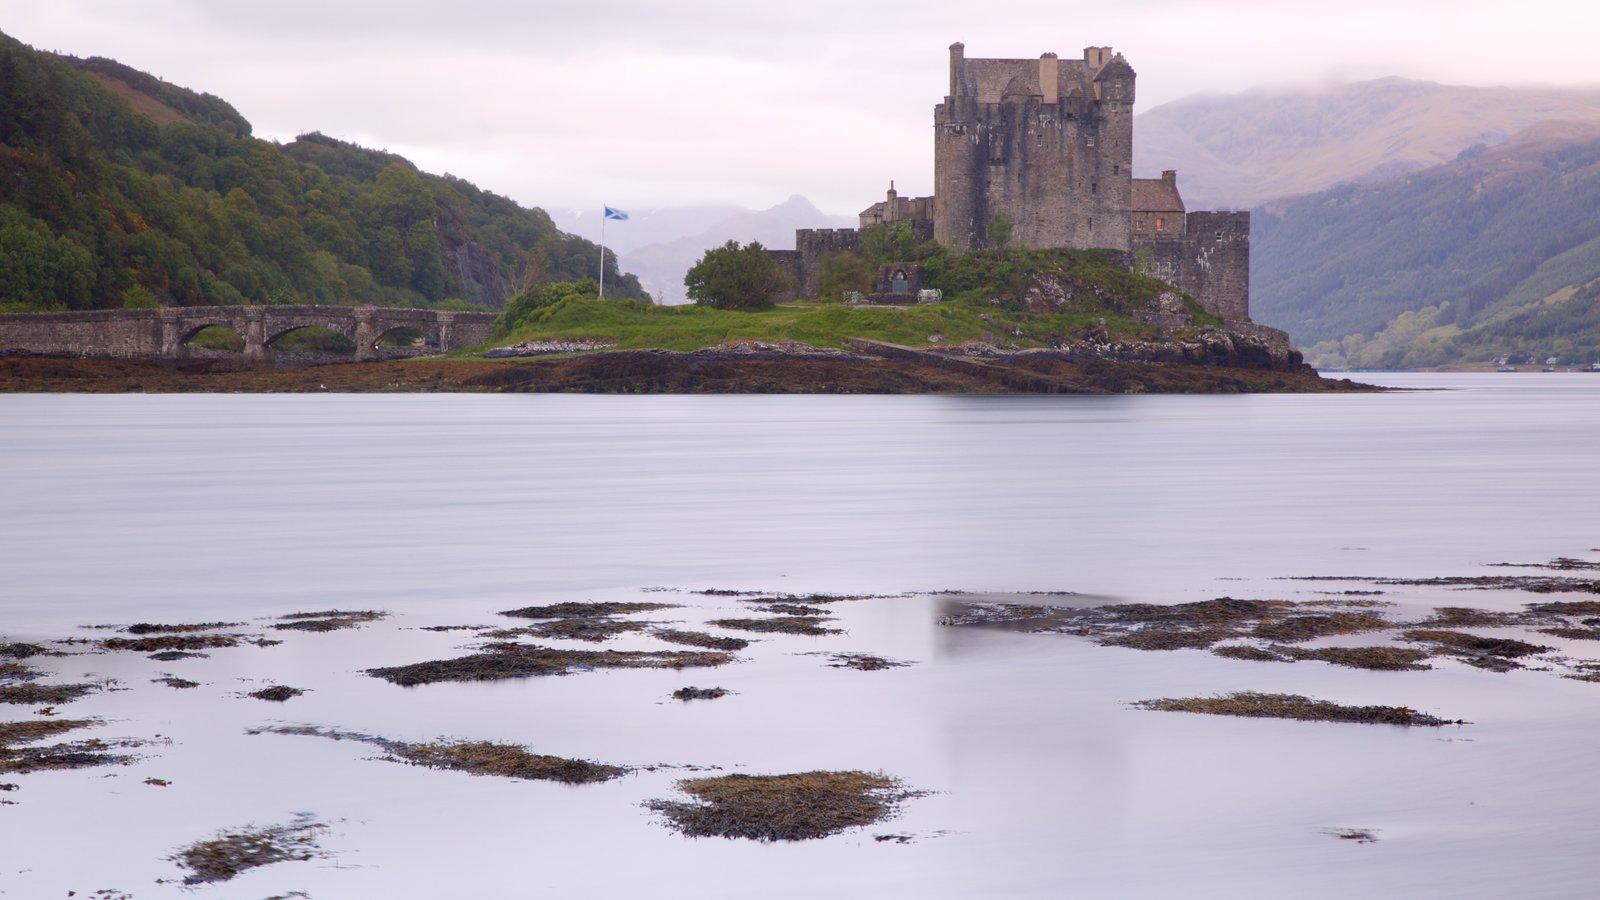 Castelo de Eilean Donan mostrando um castelo, um rio ou córrego e elementos de patrimônio